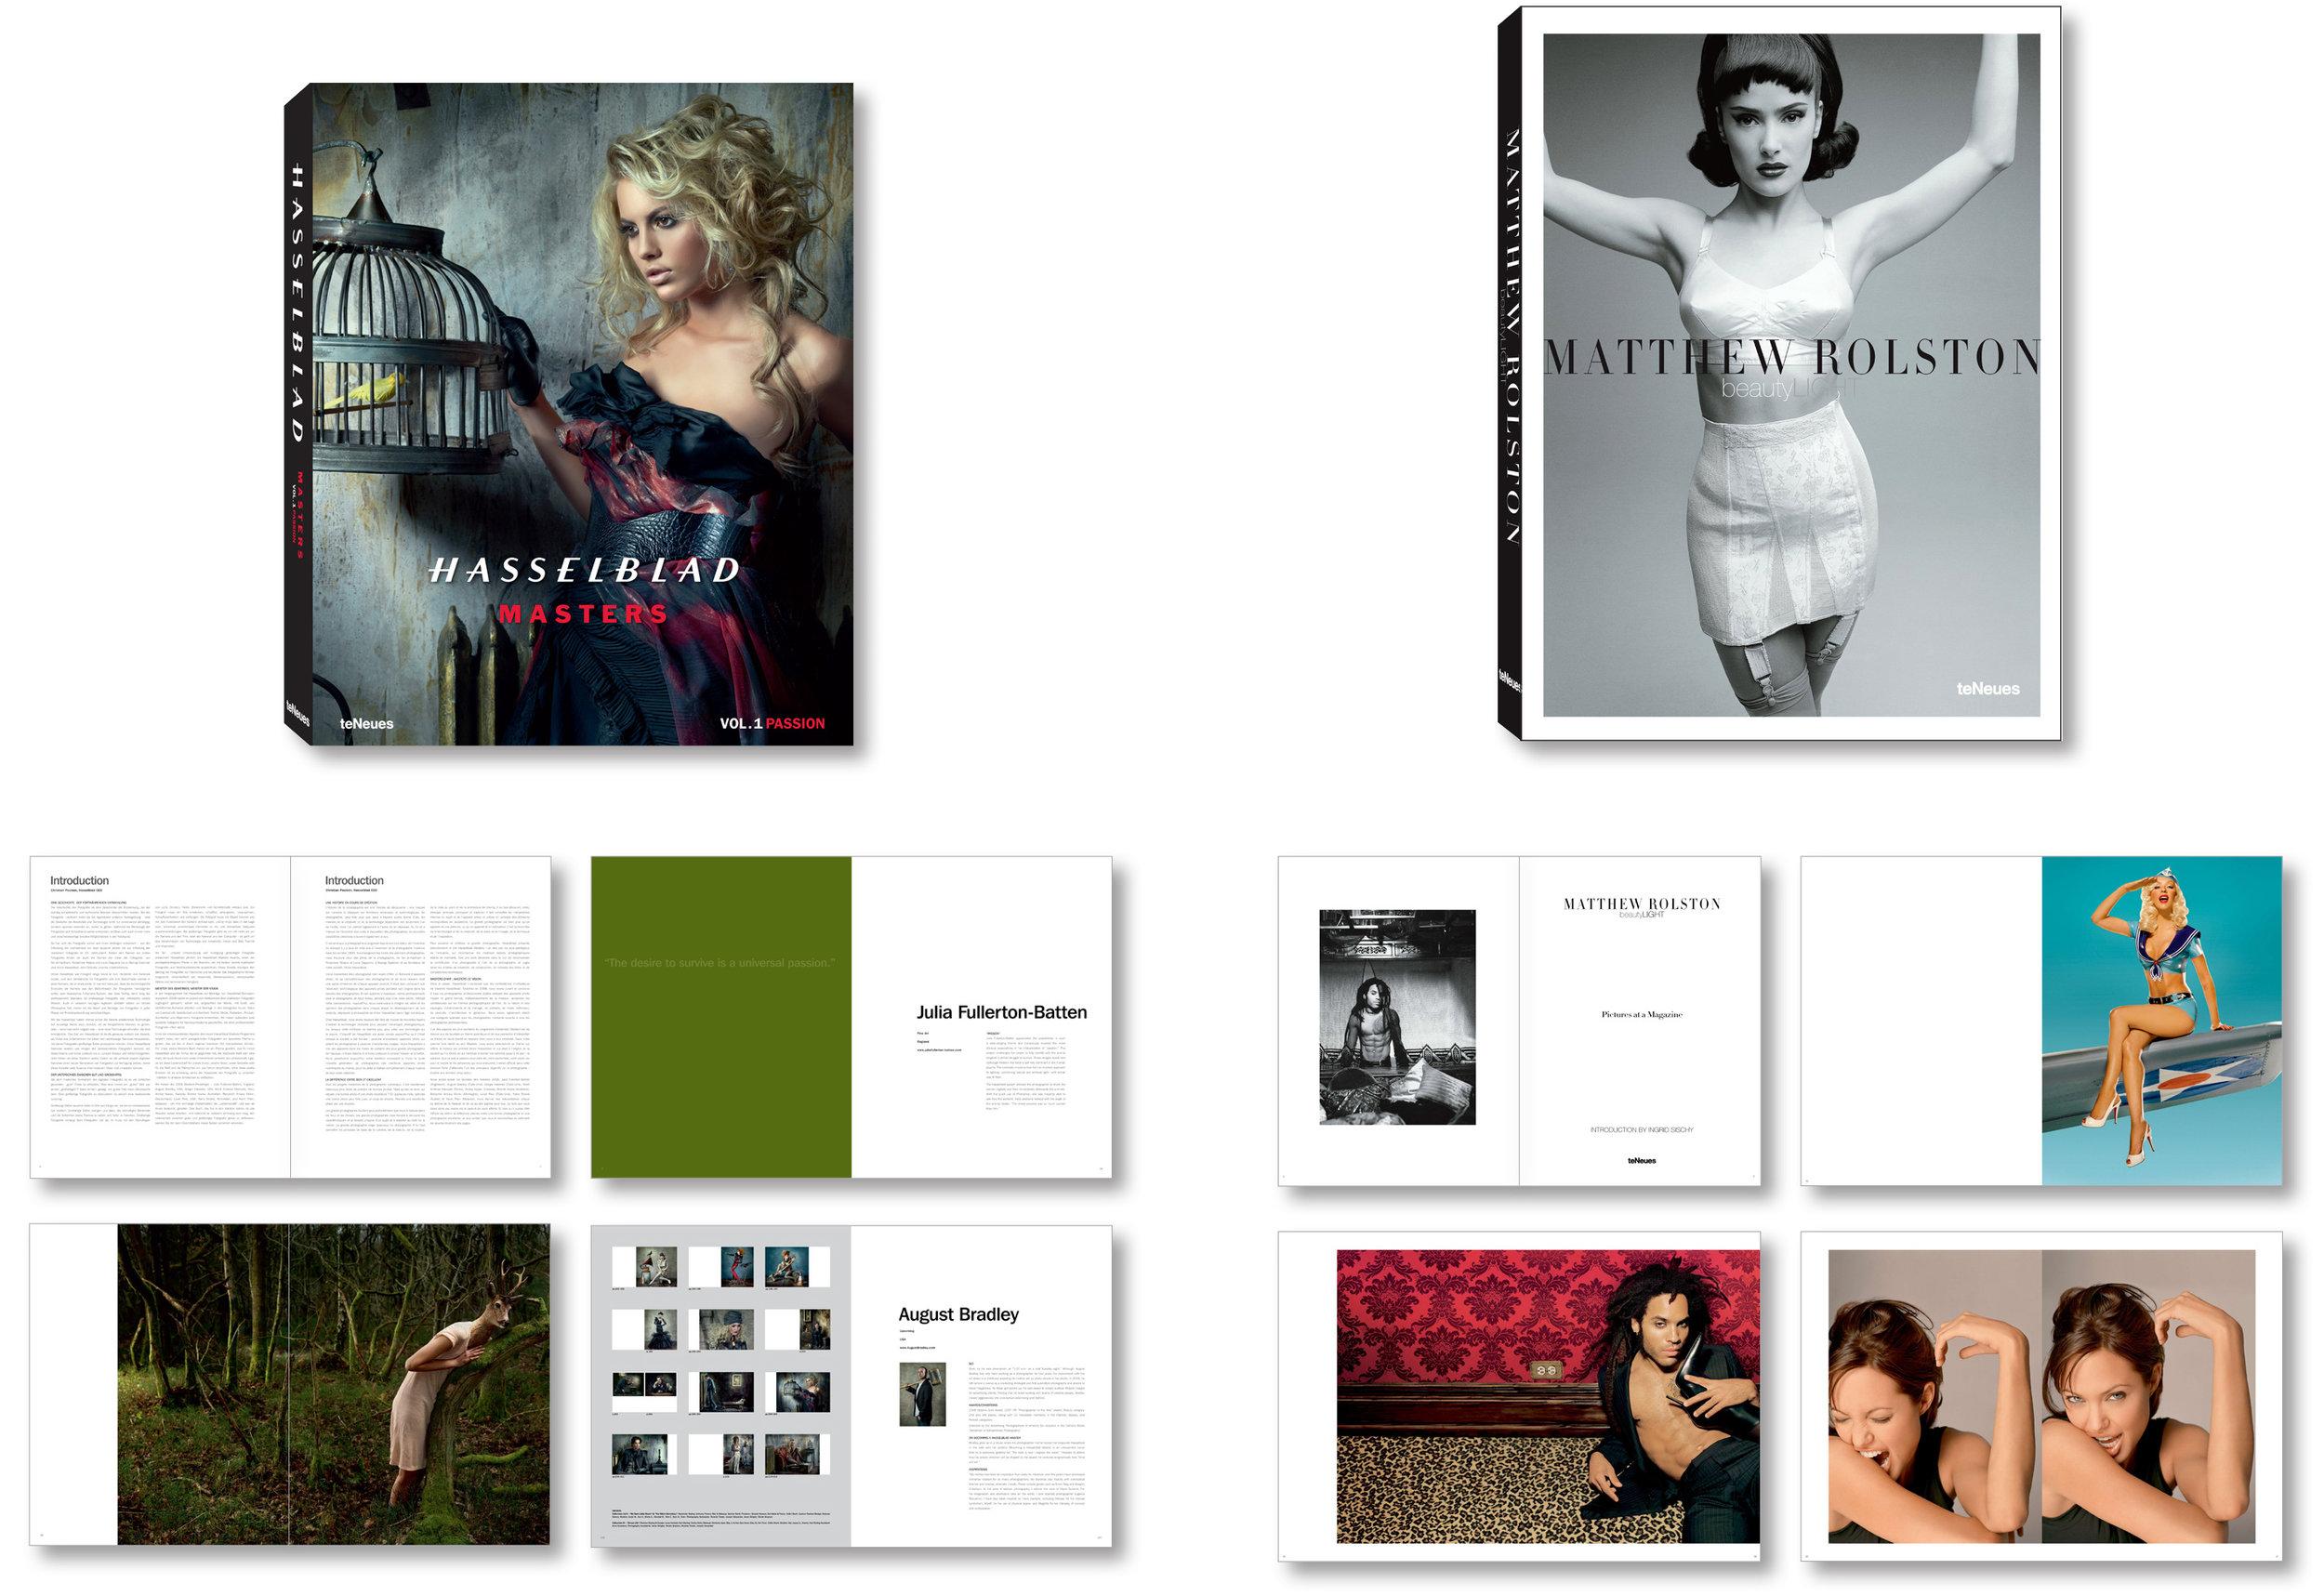 Book cover and interior design